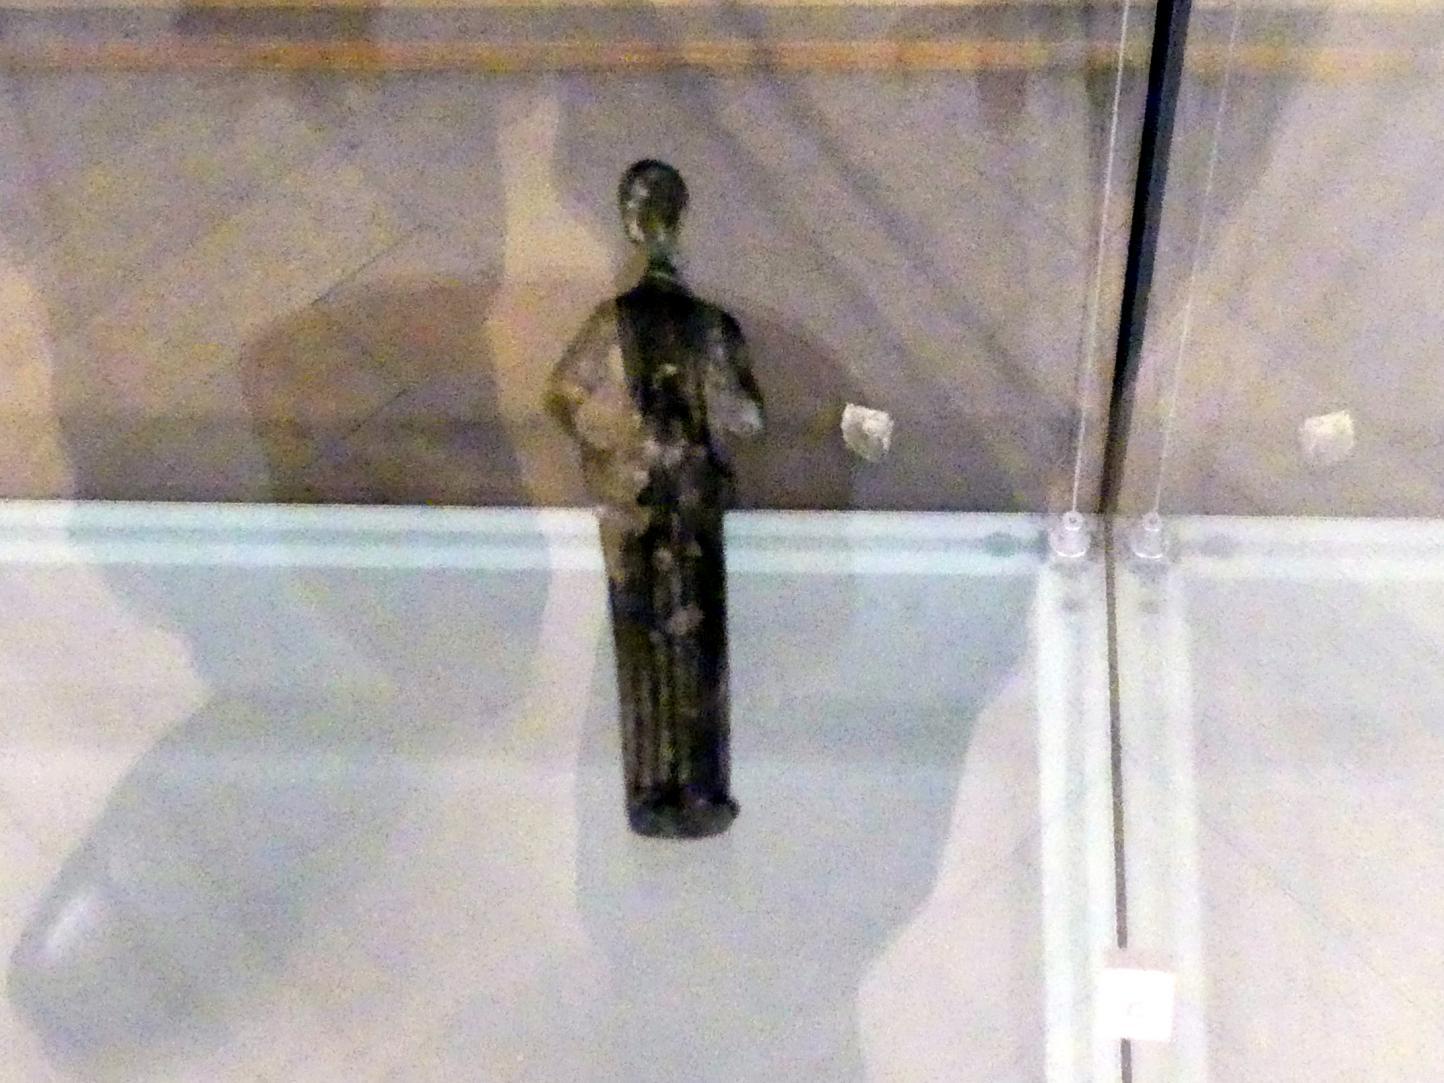 Statue einer Frau im Peplos (Frauenbekleidung im antiken Griechenland), 500 - 300 v. Chr., Bild 1/2